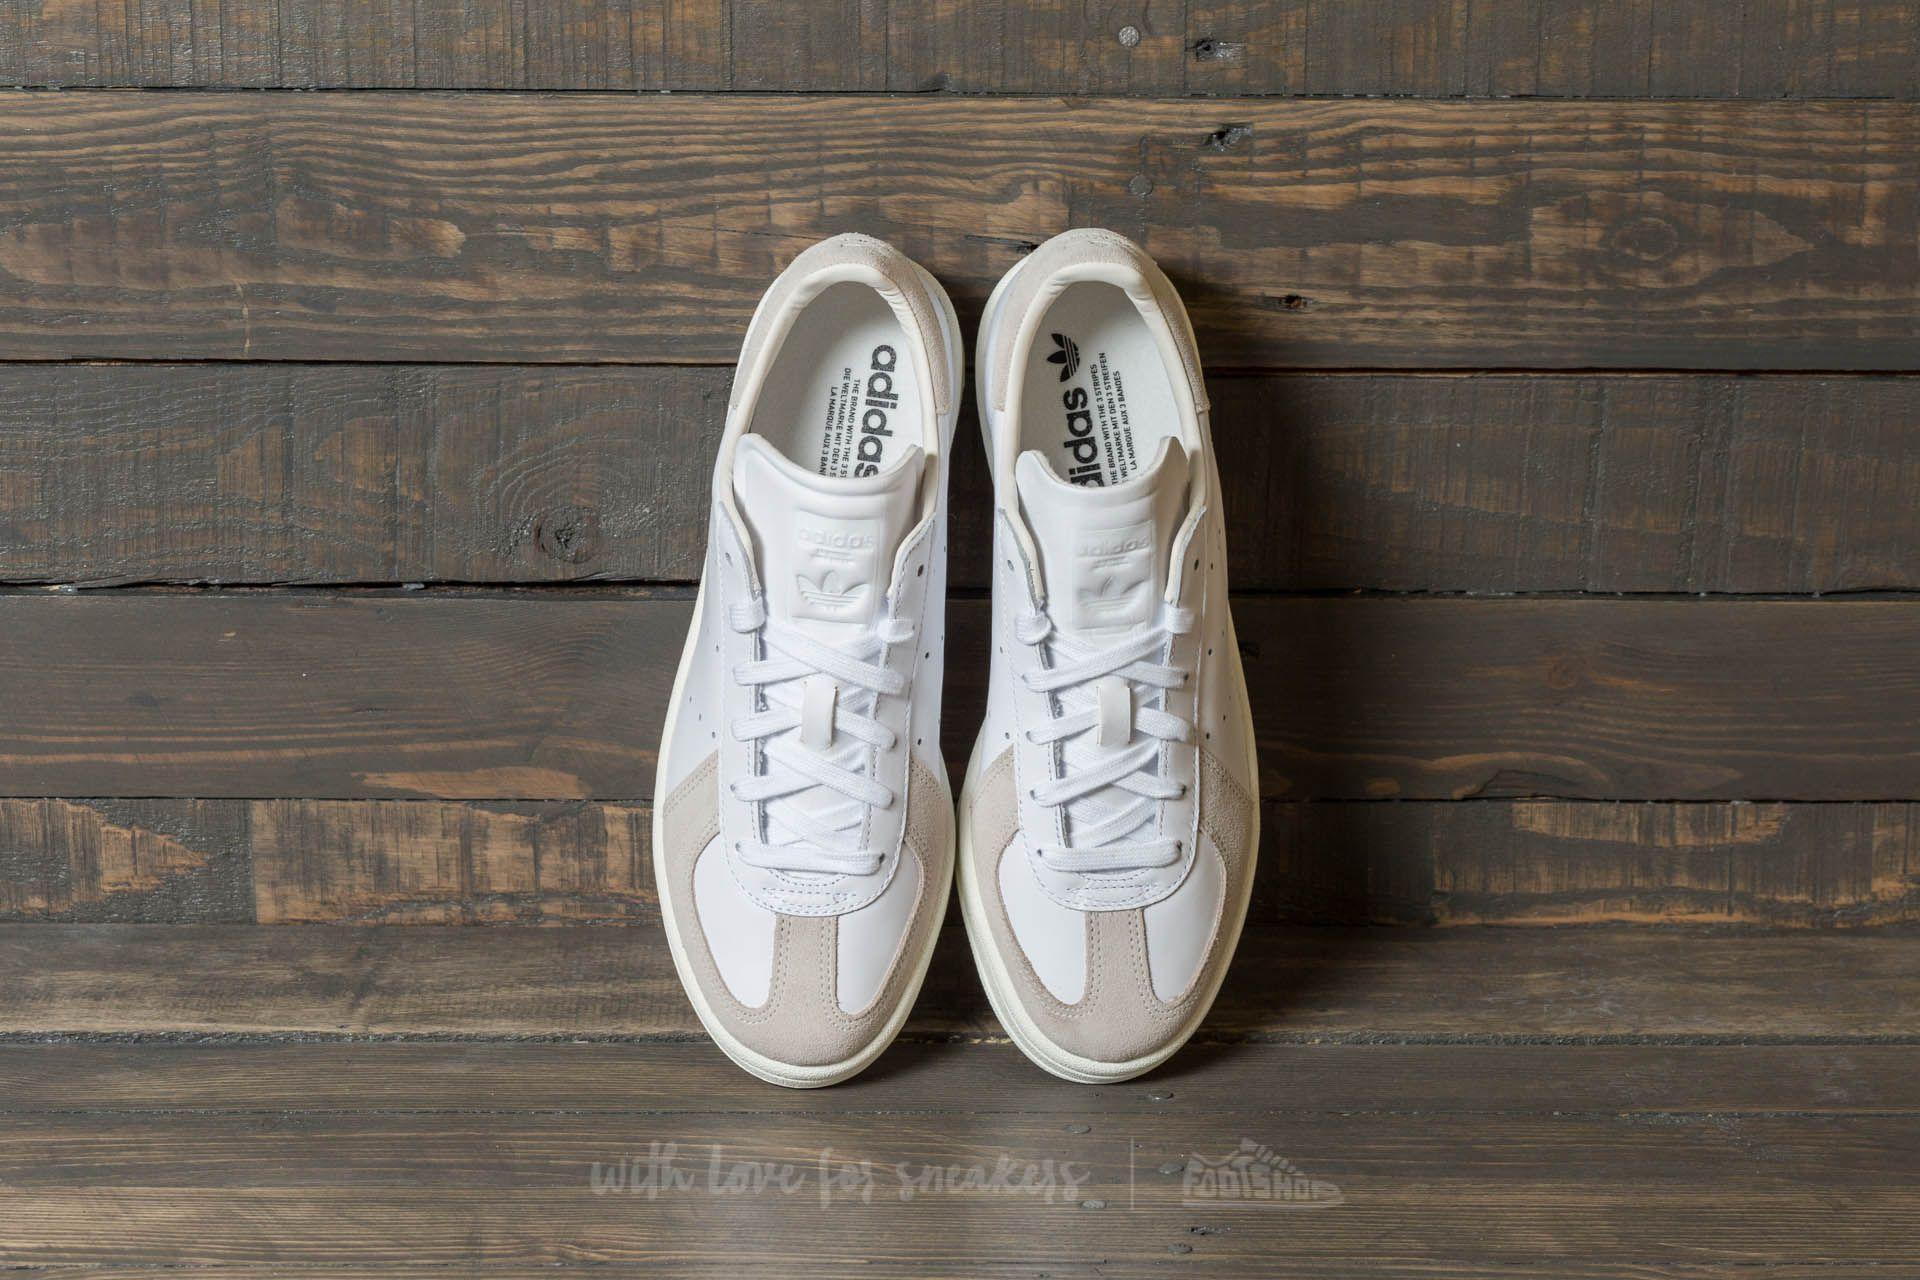 Chalk Avenue Footshop Adidas White Bw Footwear nPWHvq